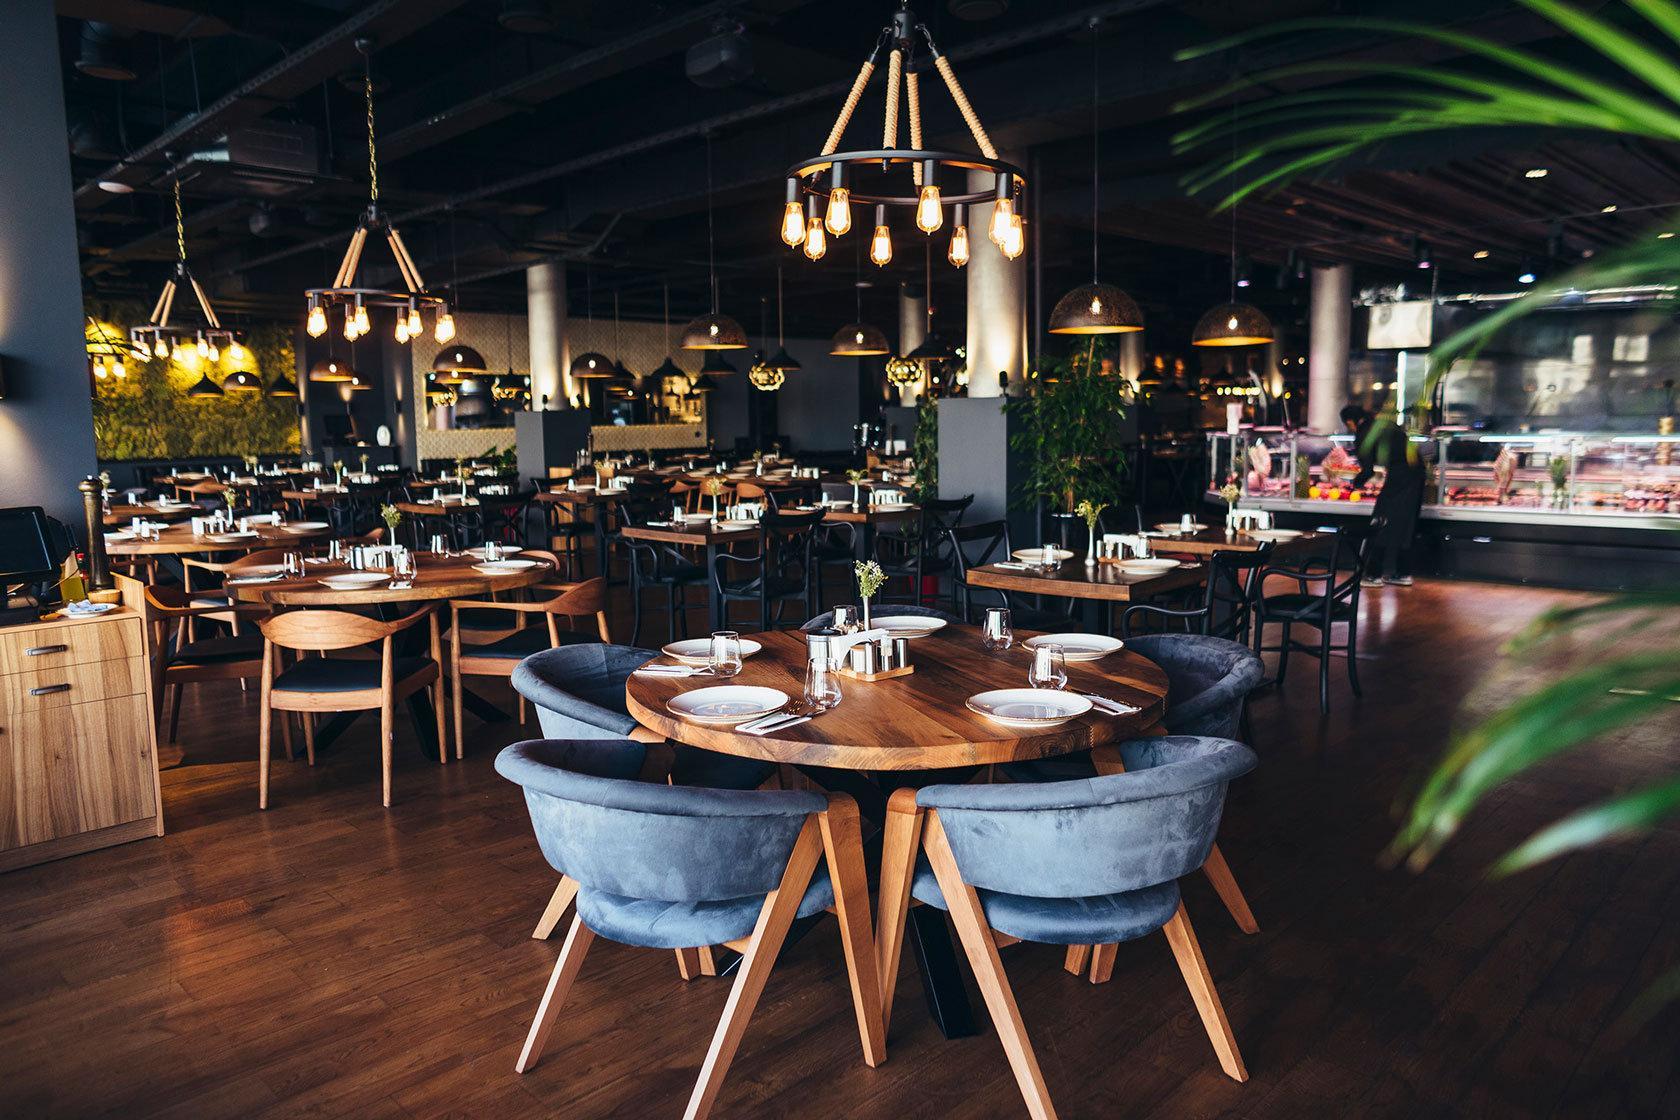 фотография Ресторана TAKSIM на улице Новый Арбат